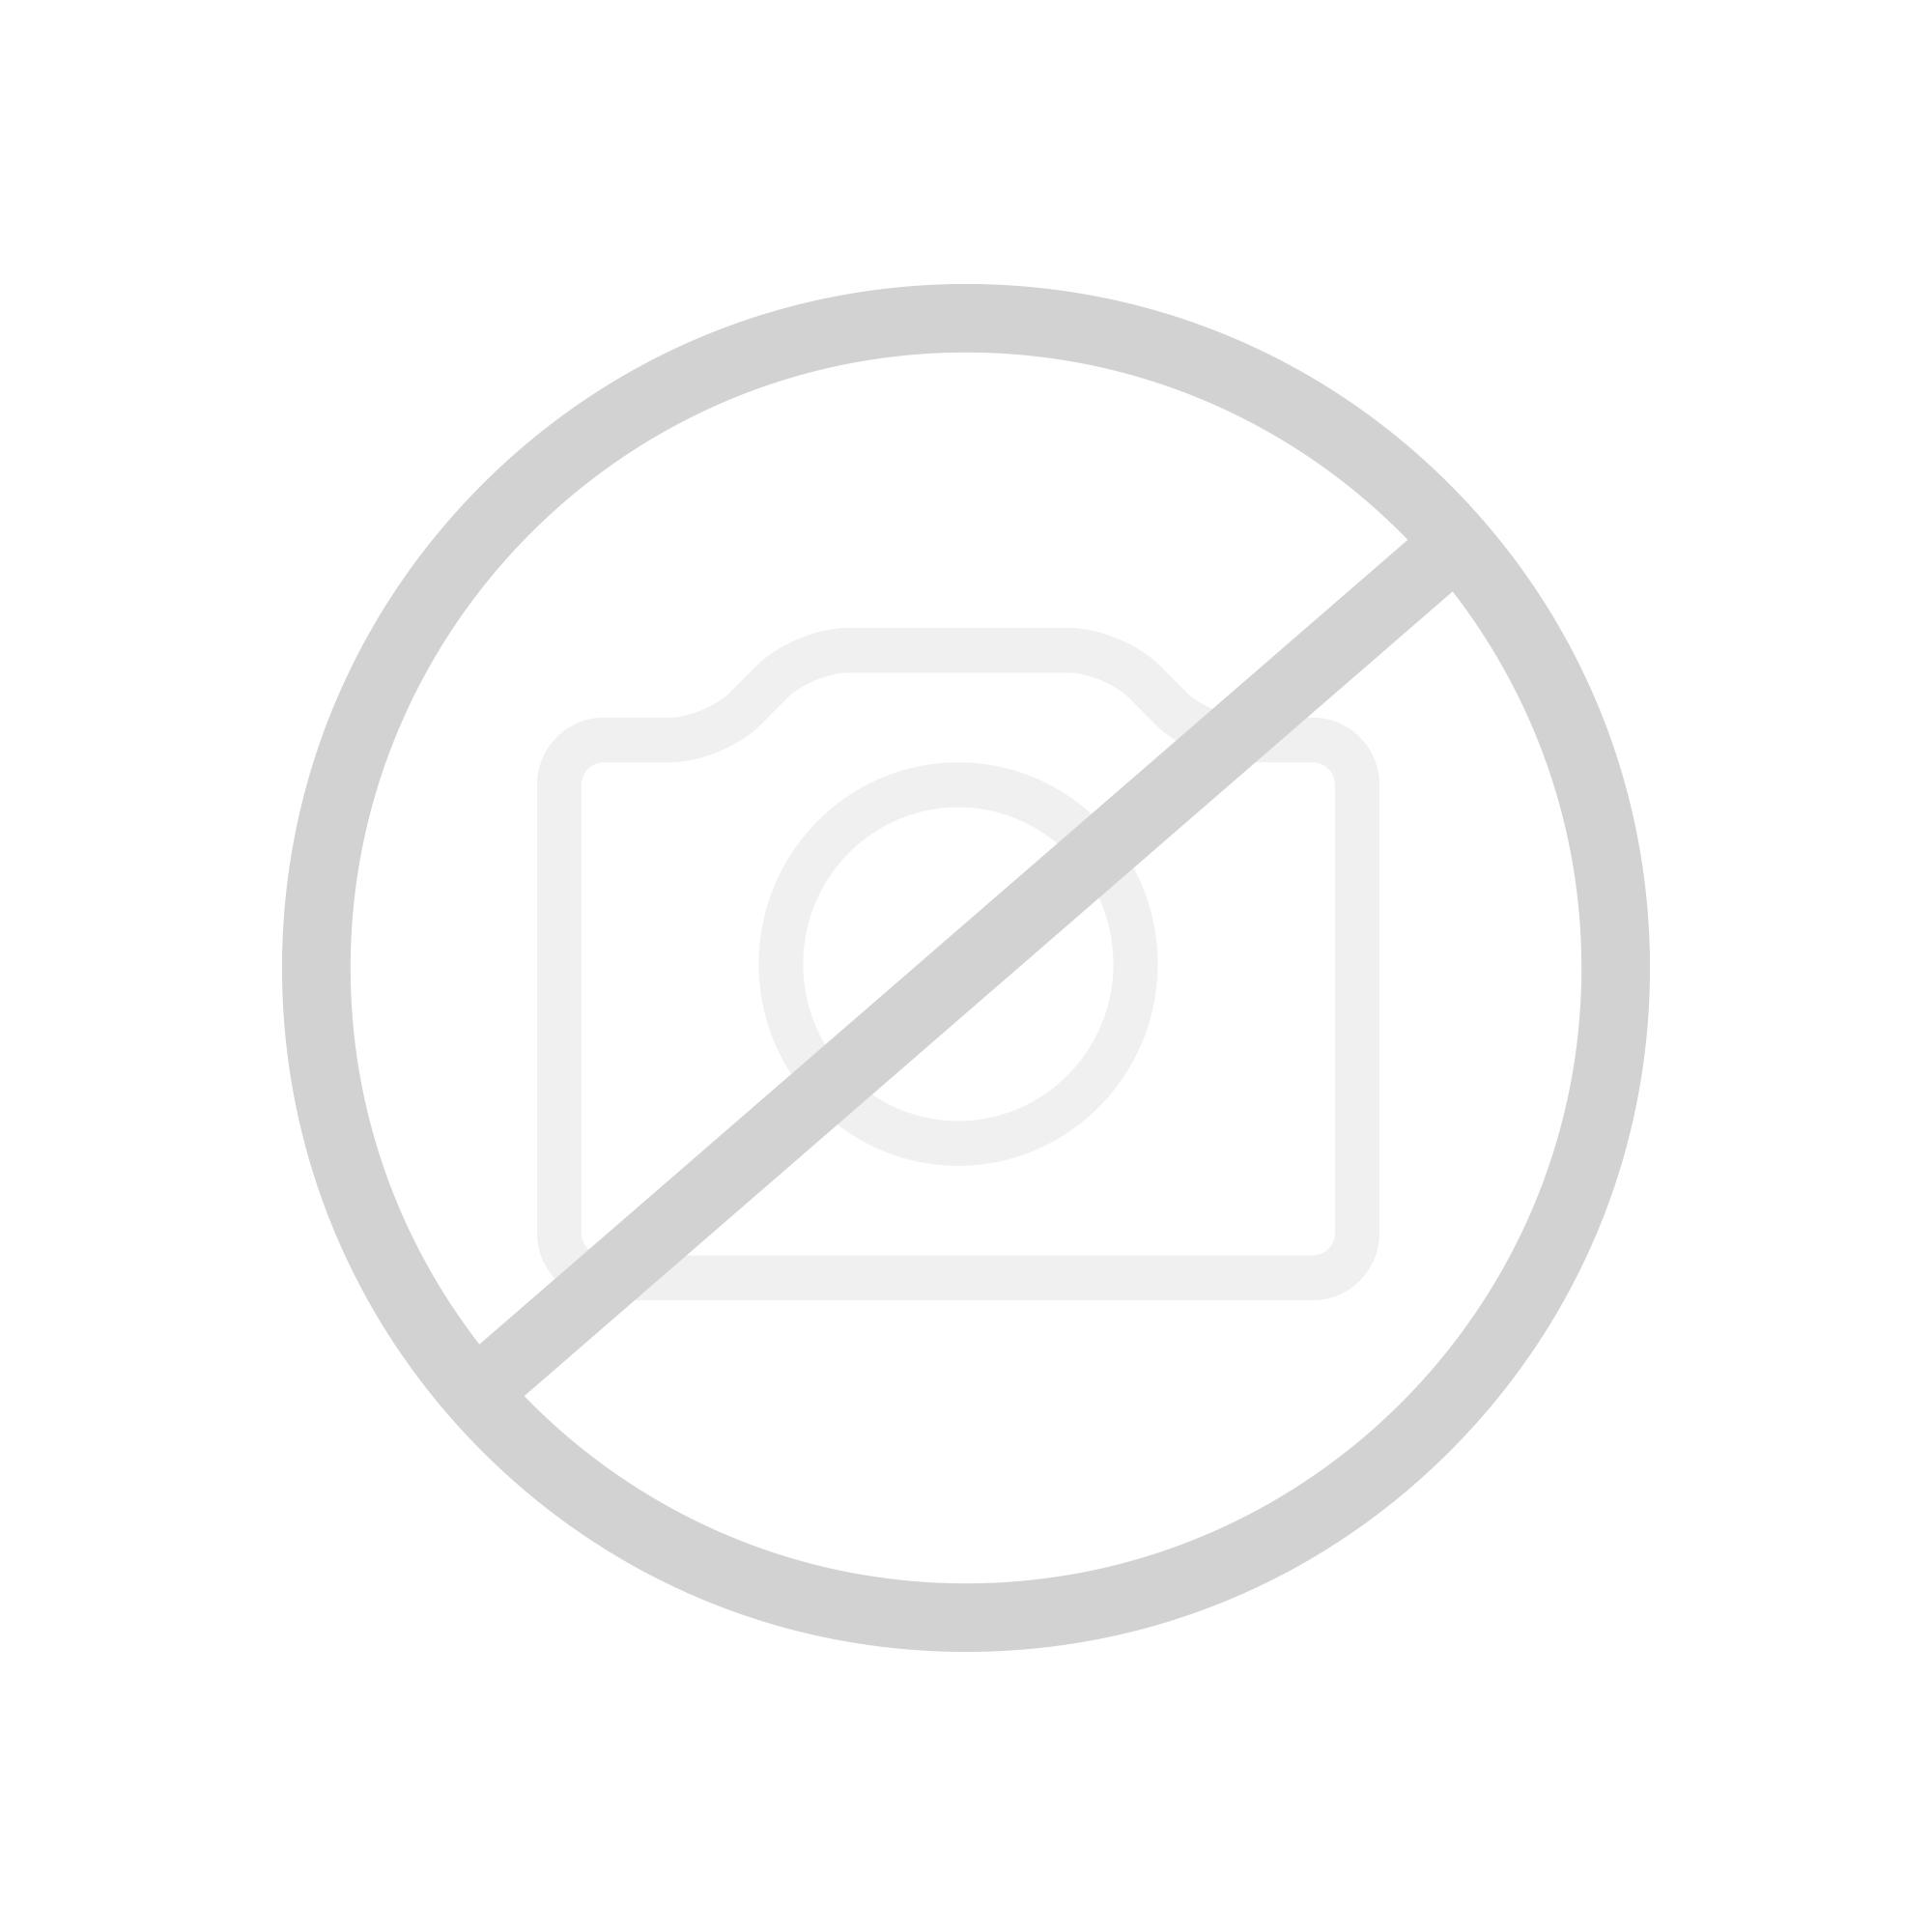 Hansa Ligna bodenstehende Einhand-Wannen-Batterie